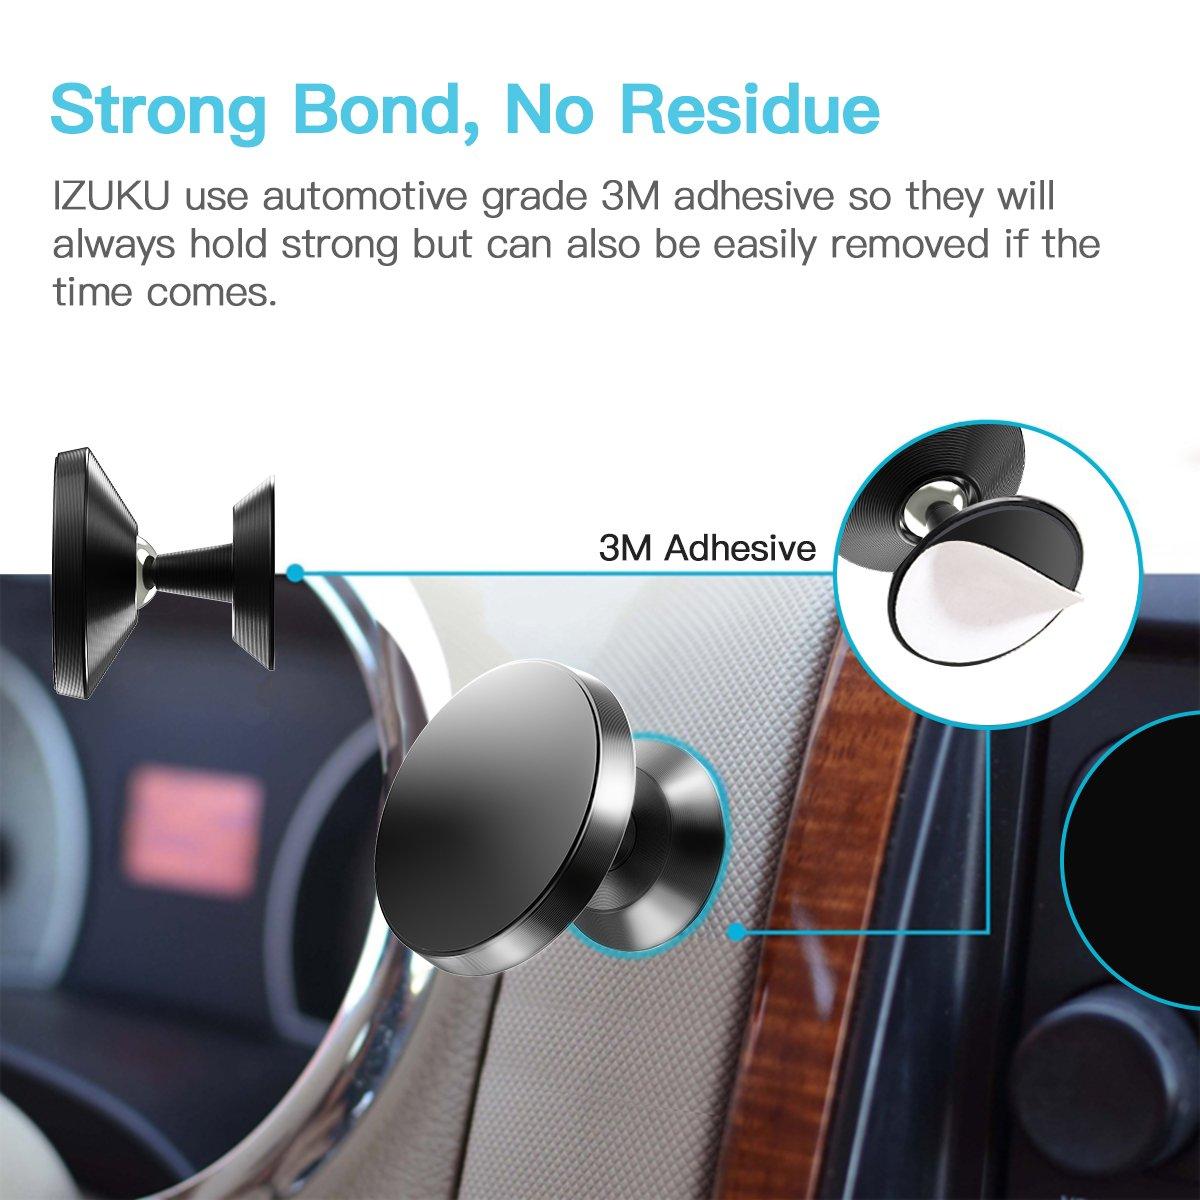 IZUKU Soporte Magnético Universal 360° Rotación, Imán Sostenedor de Móvil para Coche y Todo Tipo de Superficies Planas, Válido para iPhone x/8/7/6 ...